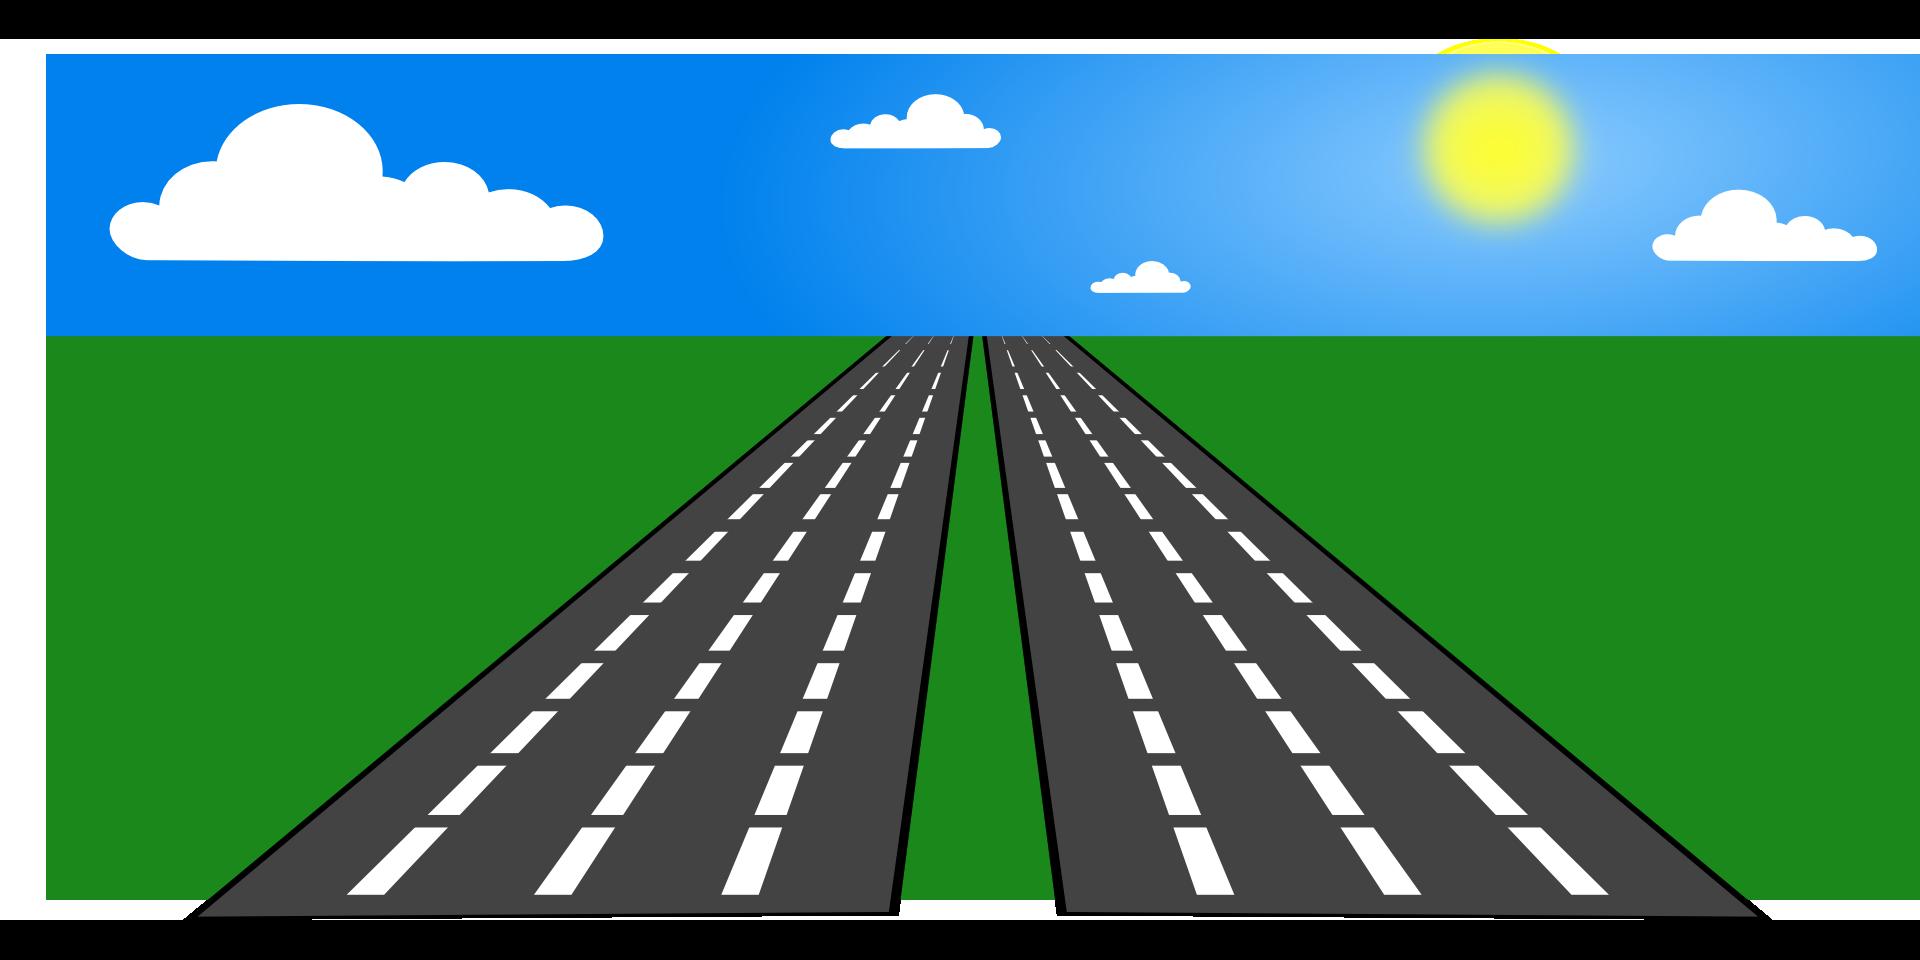 clip Clip art transprent png. Highway clipart road sky